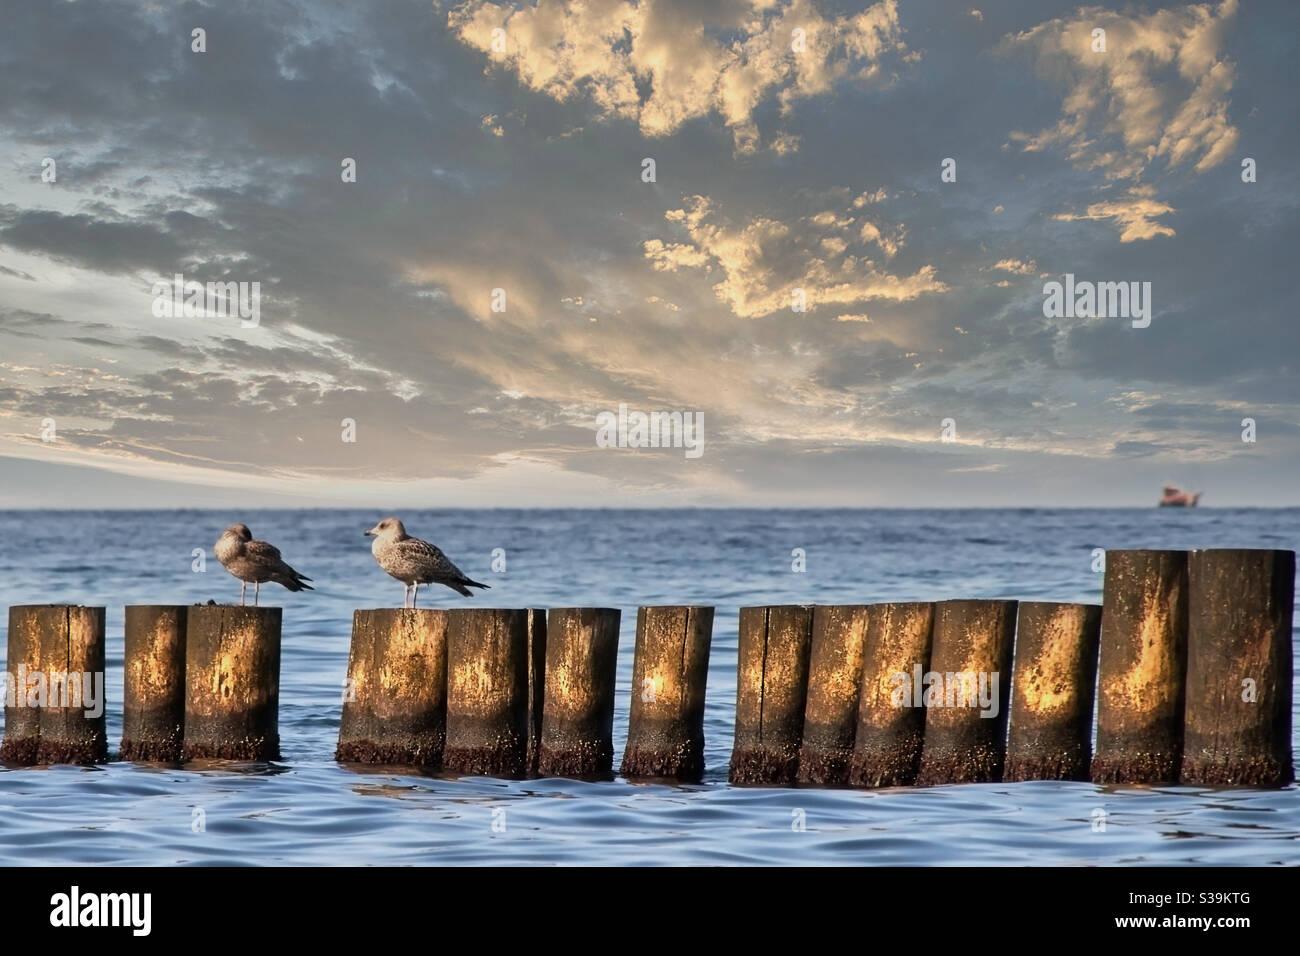 dos gaviotas de mar sentados en gorgones de madera envejecido en frente del mar con un barco de vela en el antecedentes Foto de stock